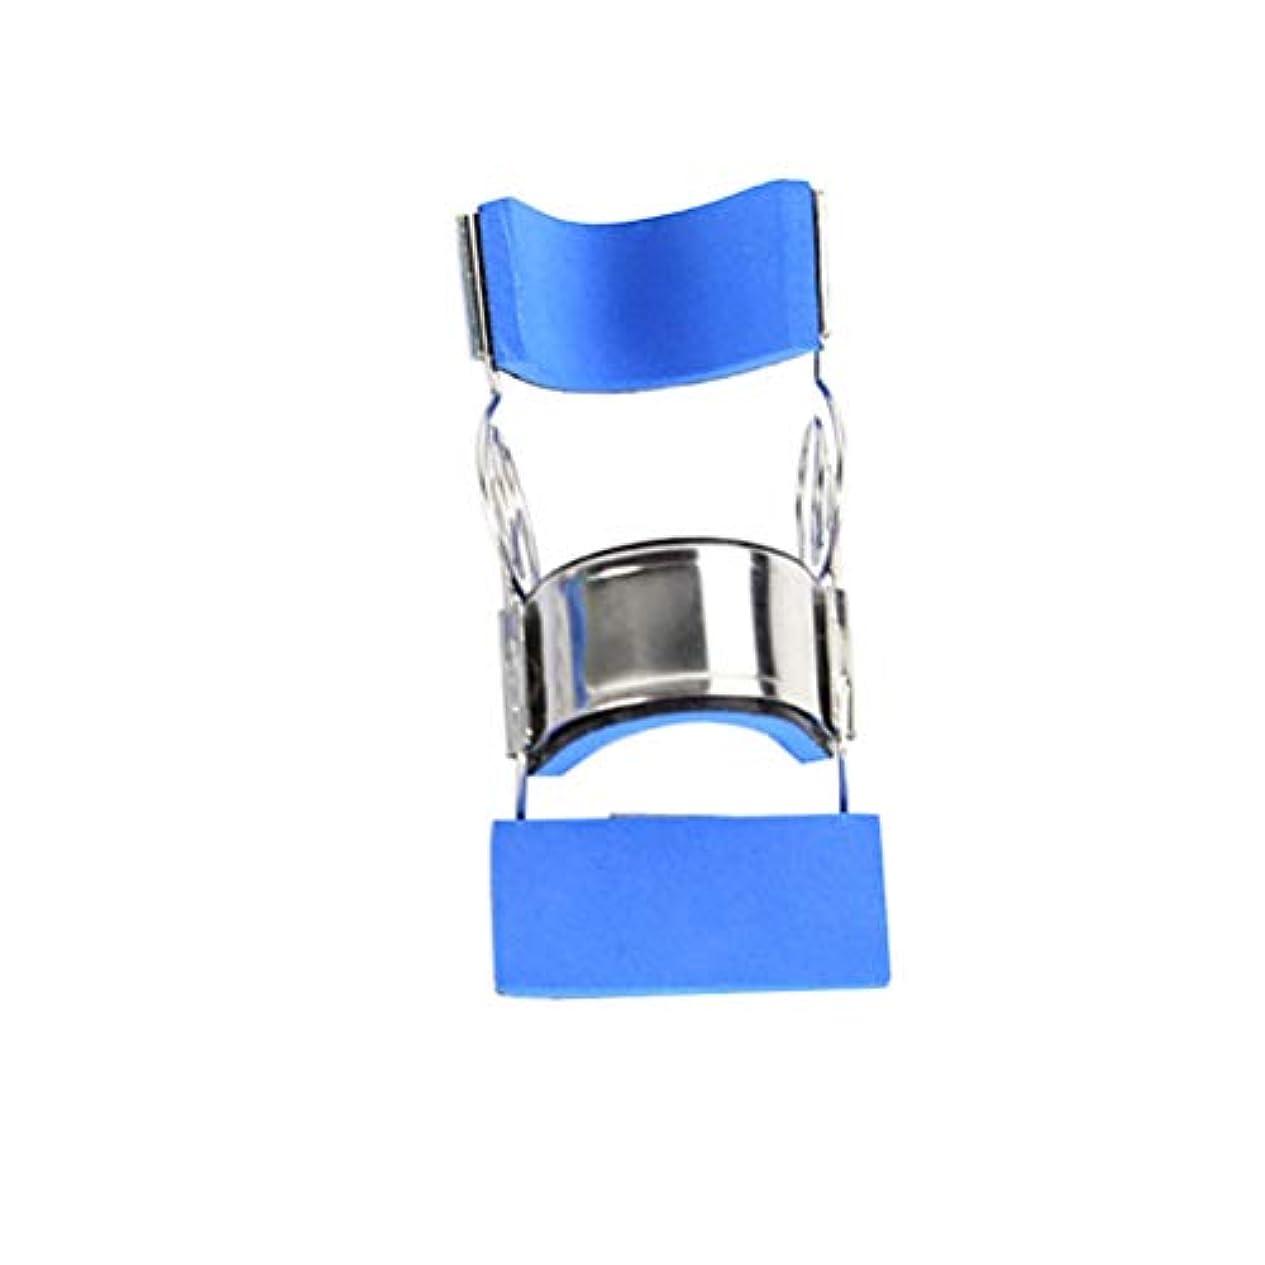 インストラクター騒乱邪魔するHealifty 指スリーブサポートプロテクターステンレス鋼指運動指関節補正骨折固定副木可動サイズl 1ピース